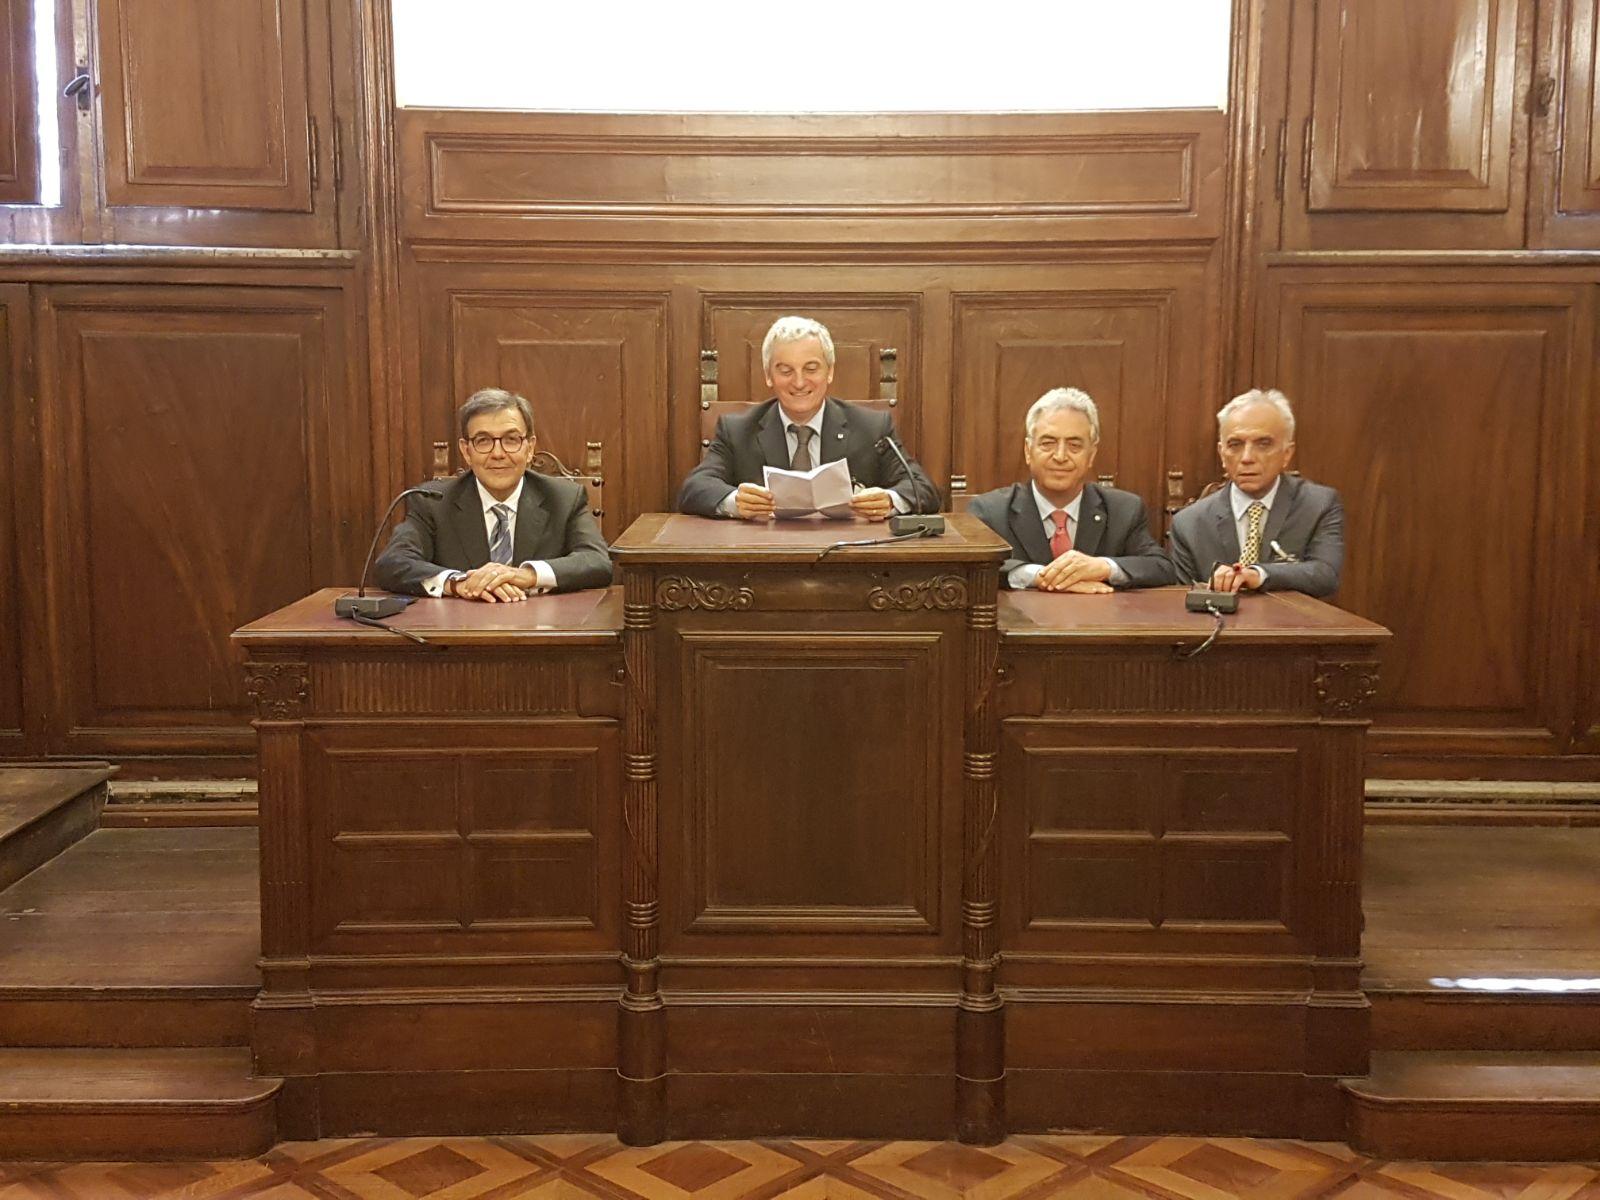 Cosimo Damiano Giannotta,Mario Braga, Antonio Landi,Sergio Lombardelli